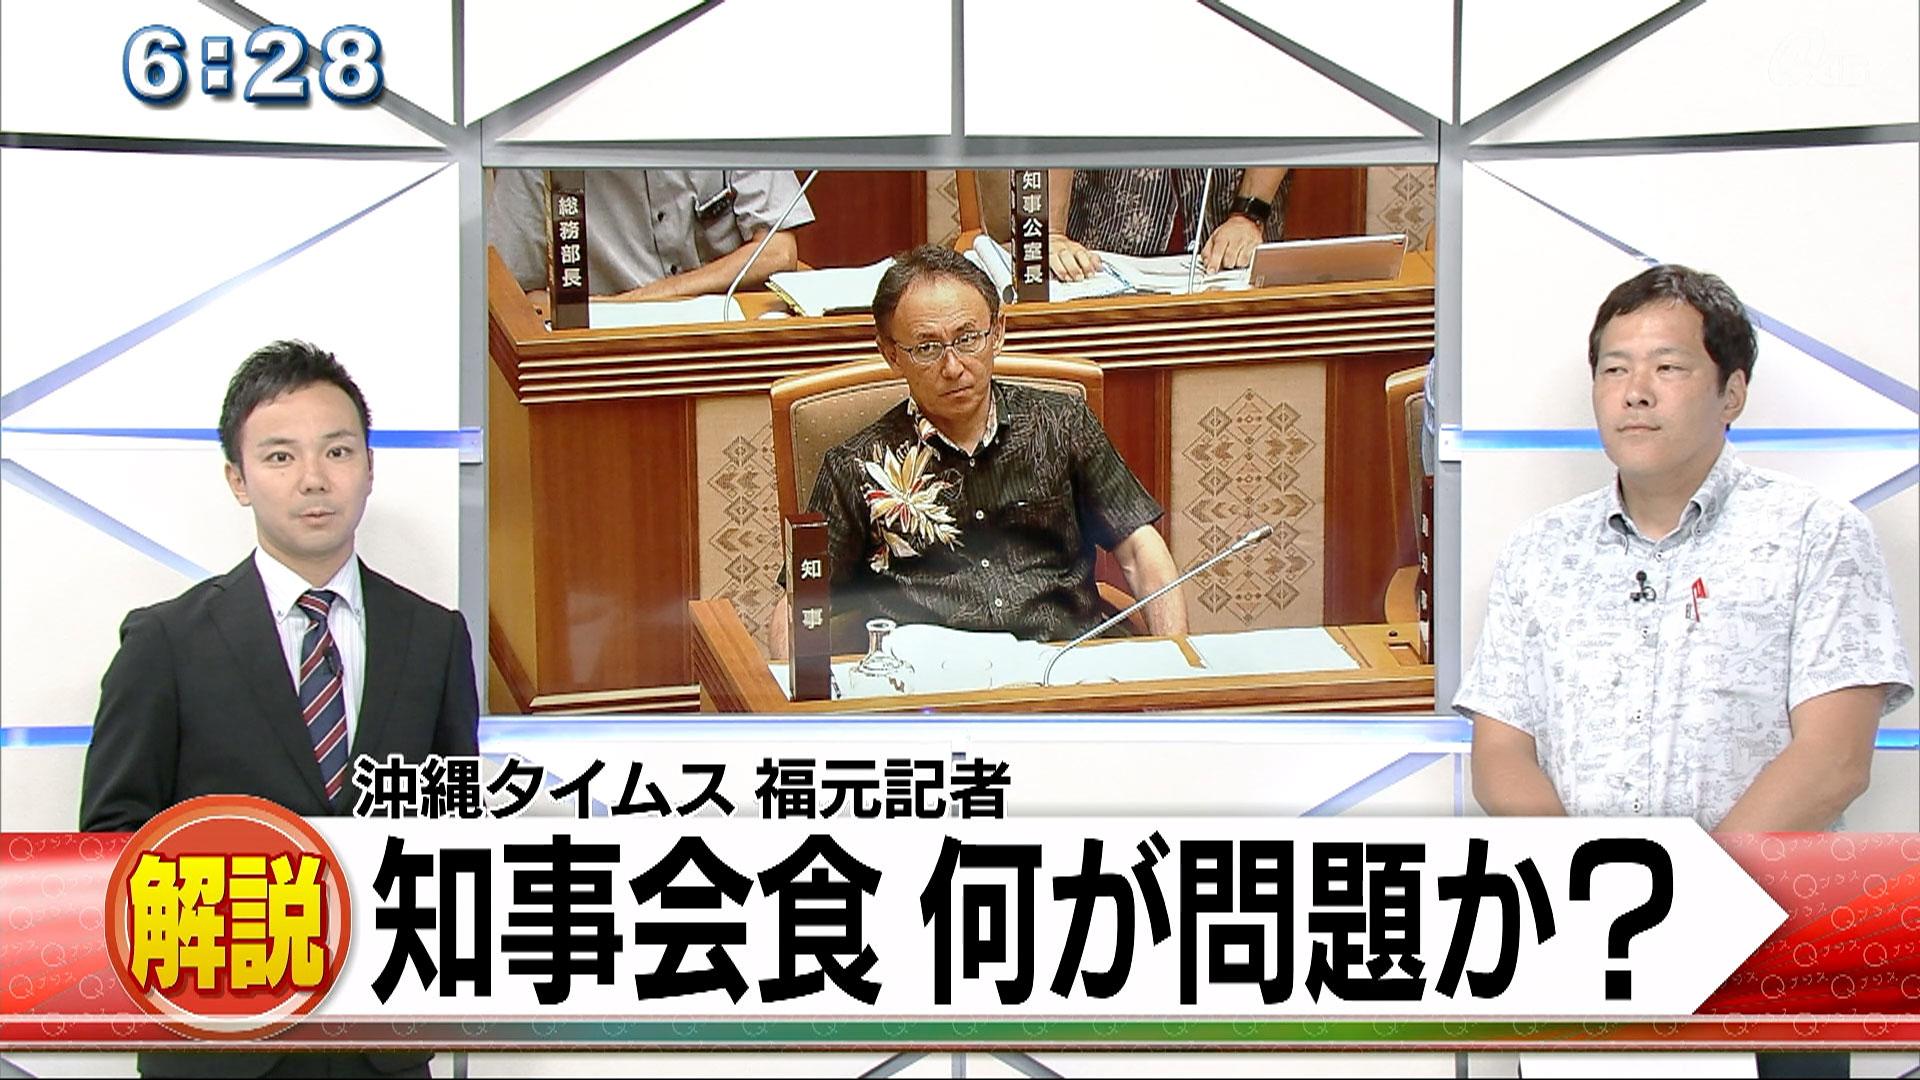 沖縄タイムス・福元記者解説 知事会食何が問題?